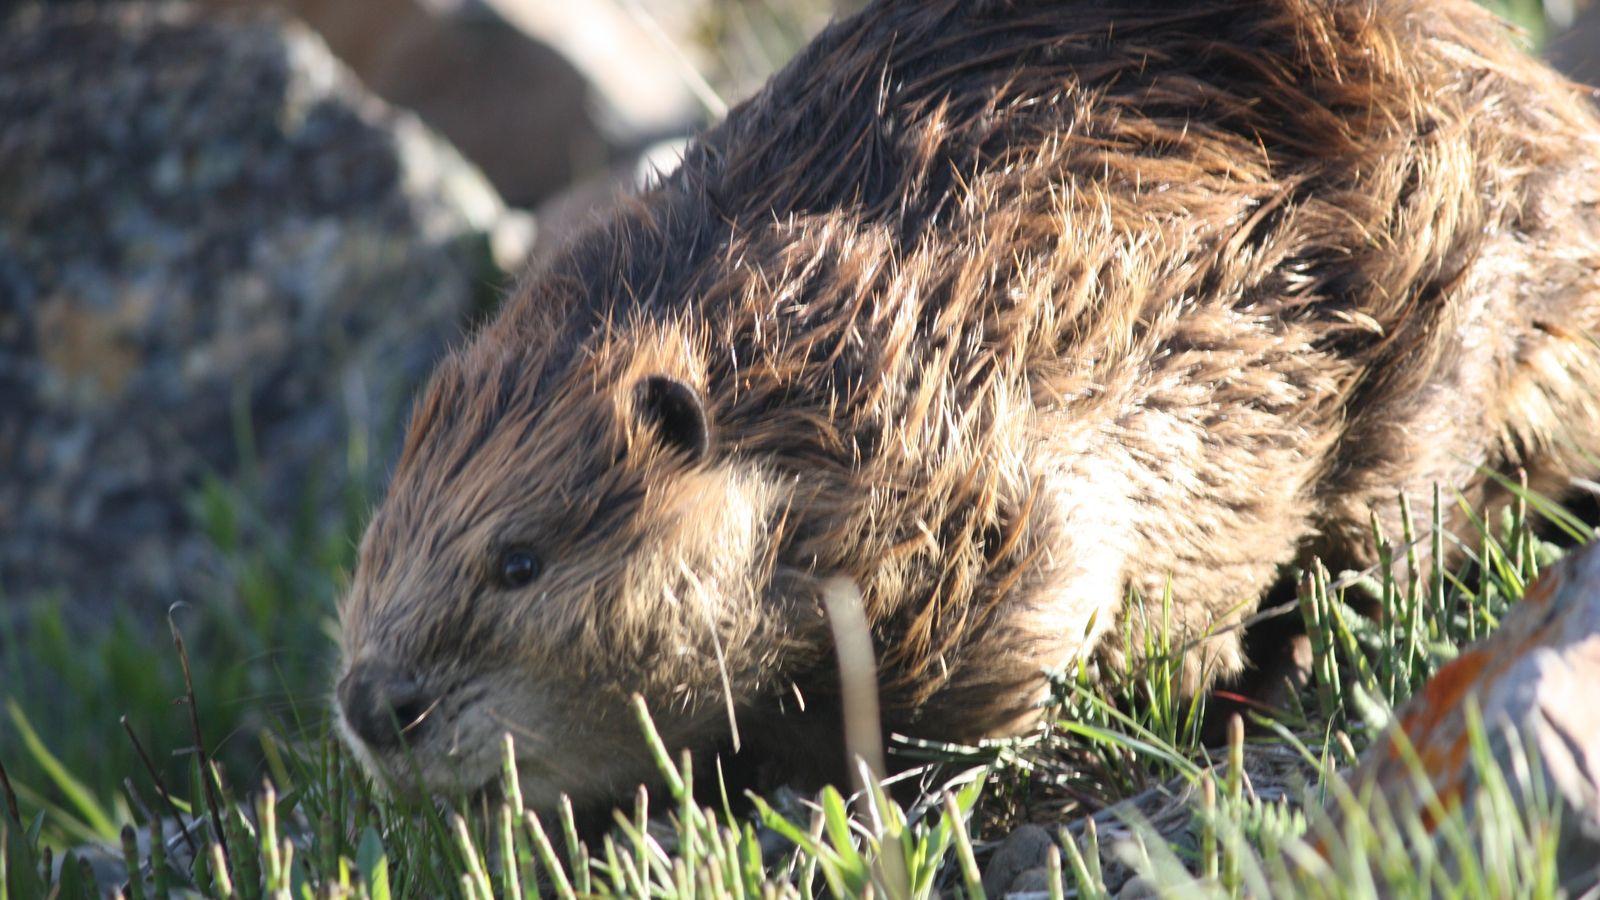 Il y aurait 100 000 castors canadiens en Terre de Feu. Un problème pour l'environnement de ...